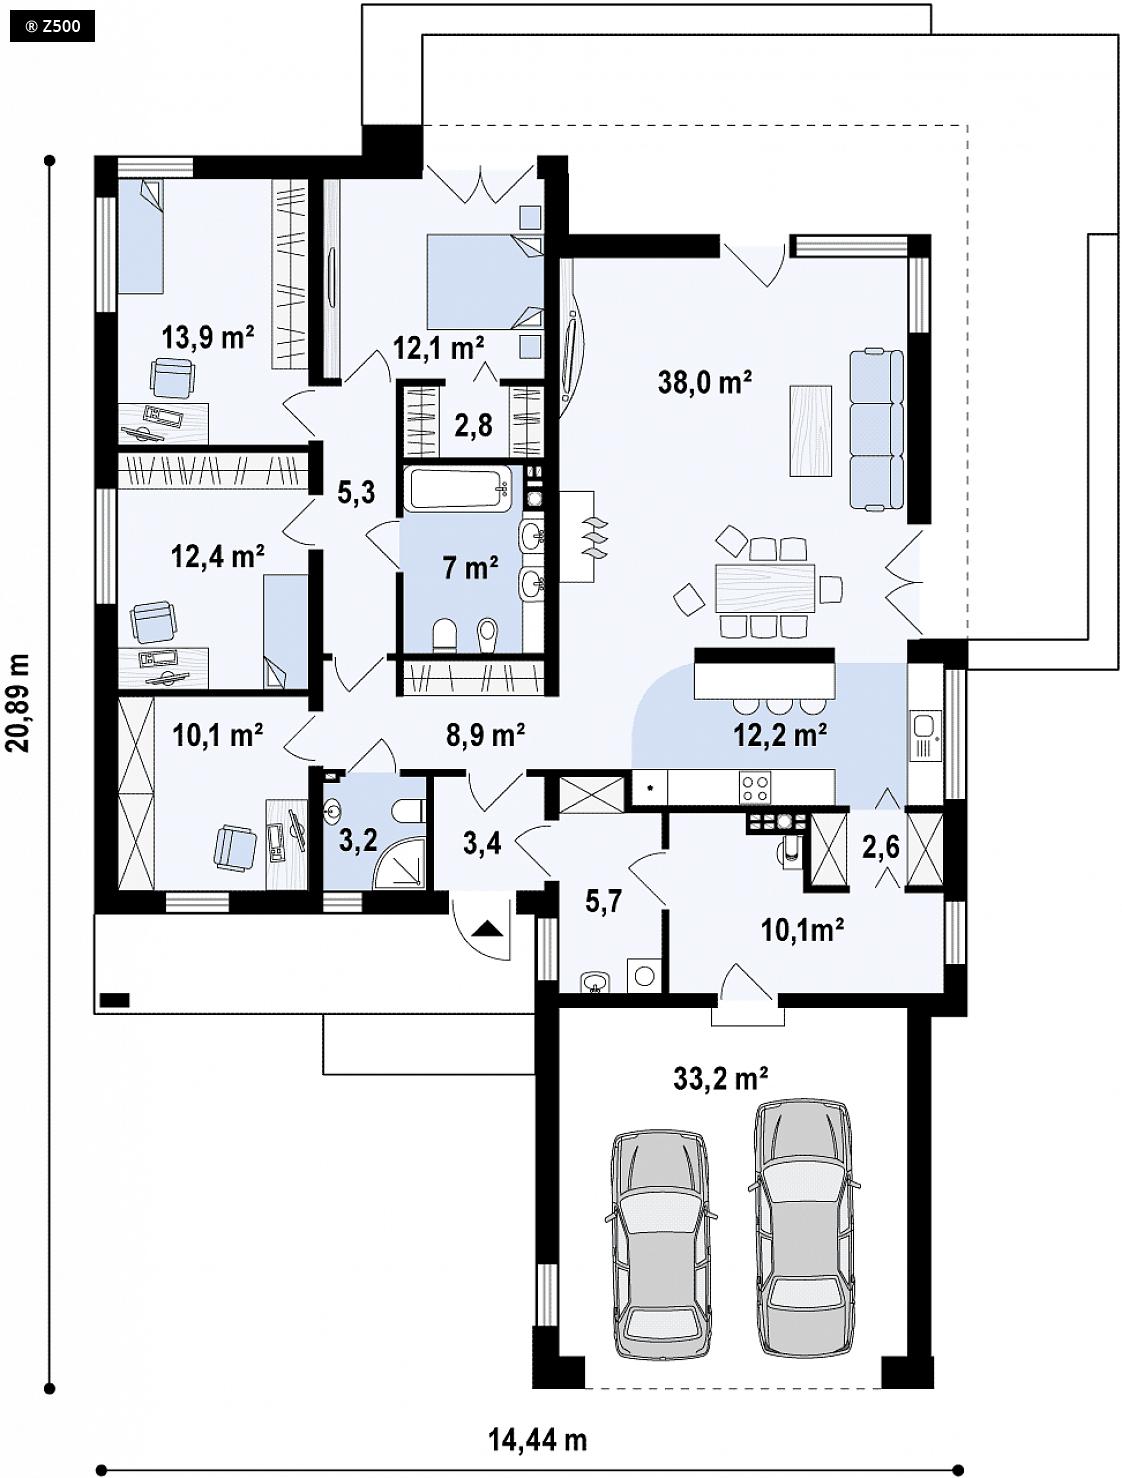 Proyectos de casas casa moderna de 1 planta con piscina - Planos casas de una planta ...